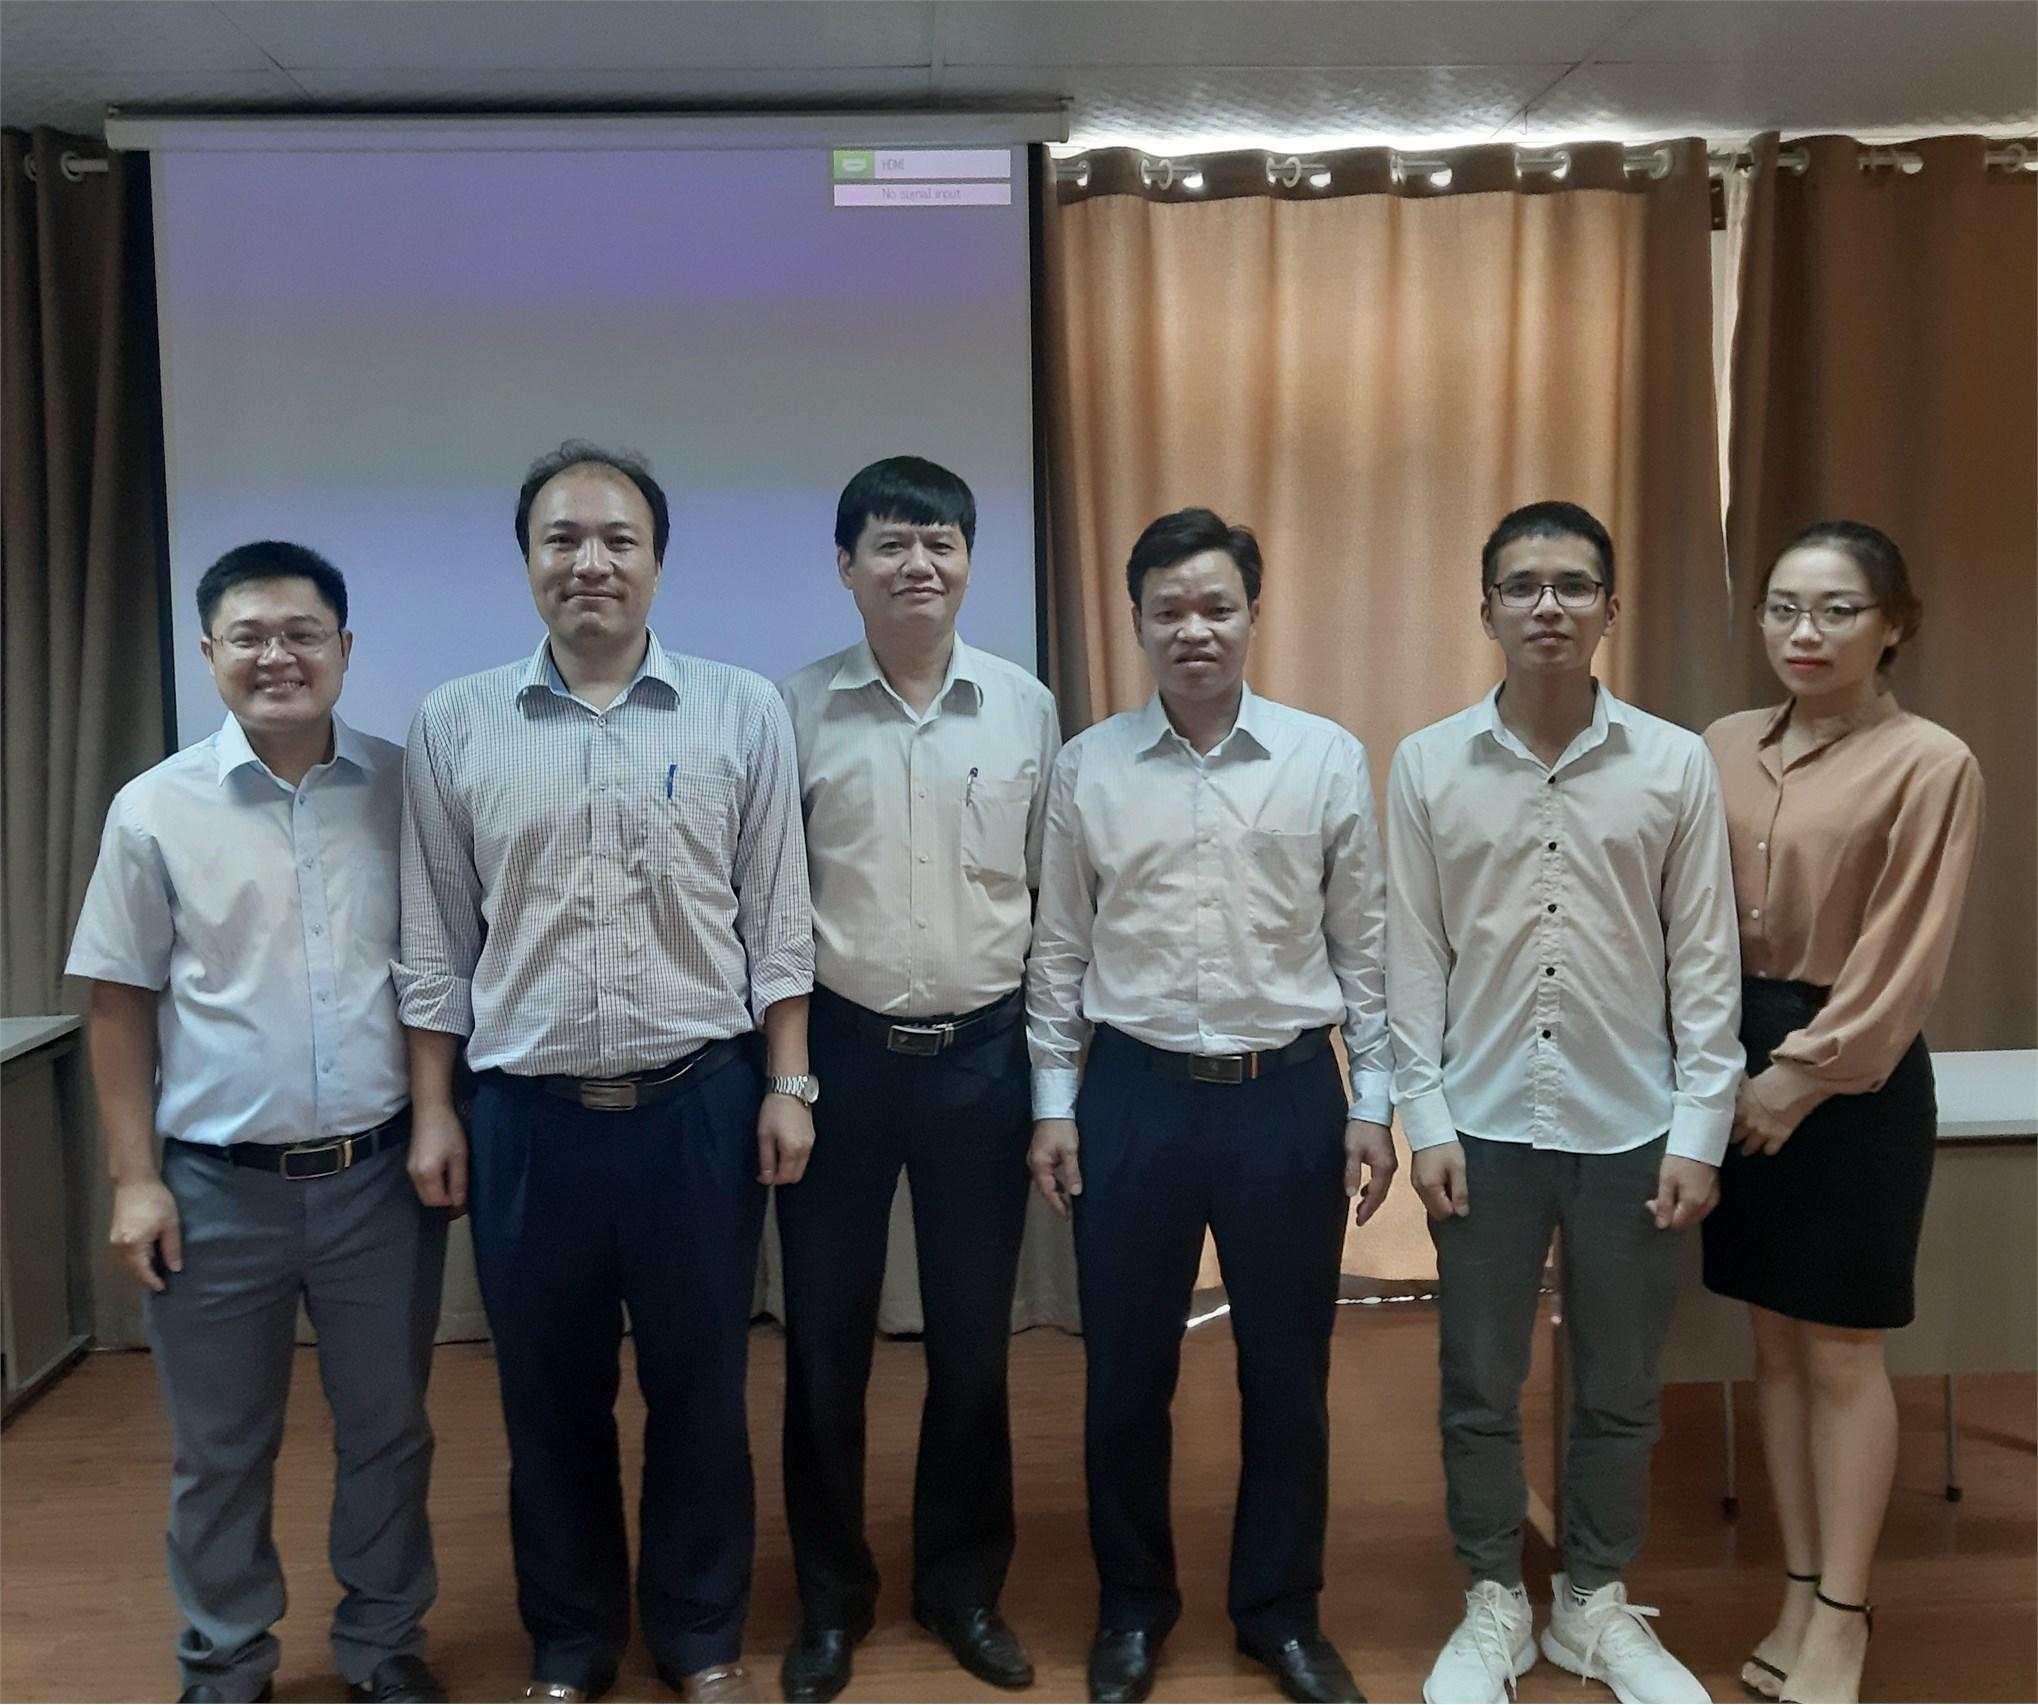 Tổ chức thẩm định đánh giá đề cương luận văn thạc sĩ – ngành Kỹ thuật Điện tử - Cao học Khóa 9 đợt 1 (2019-2021)